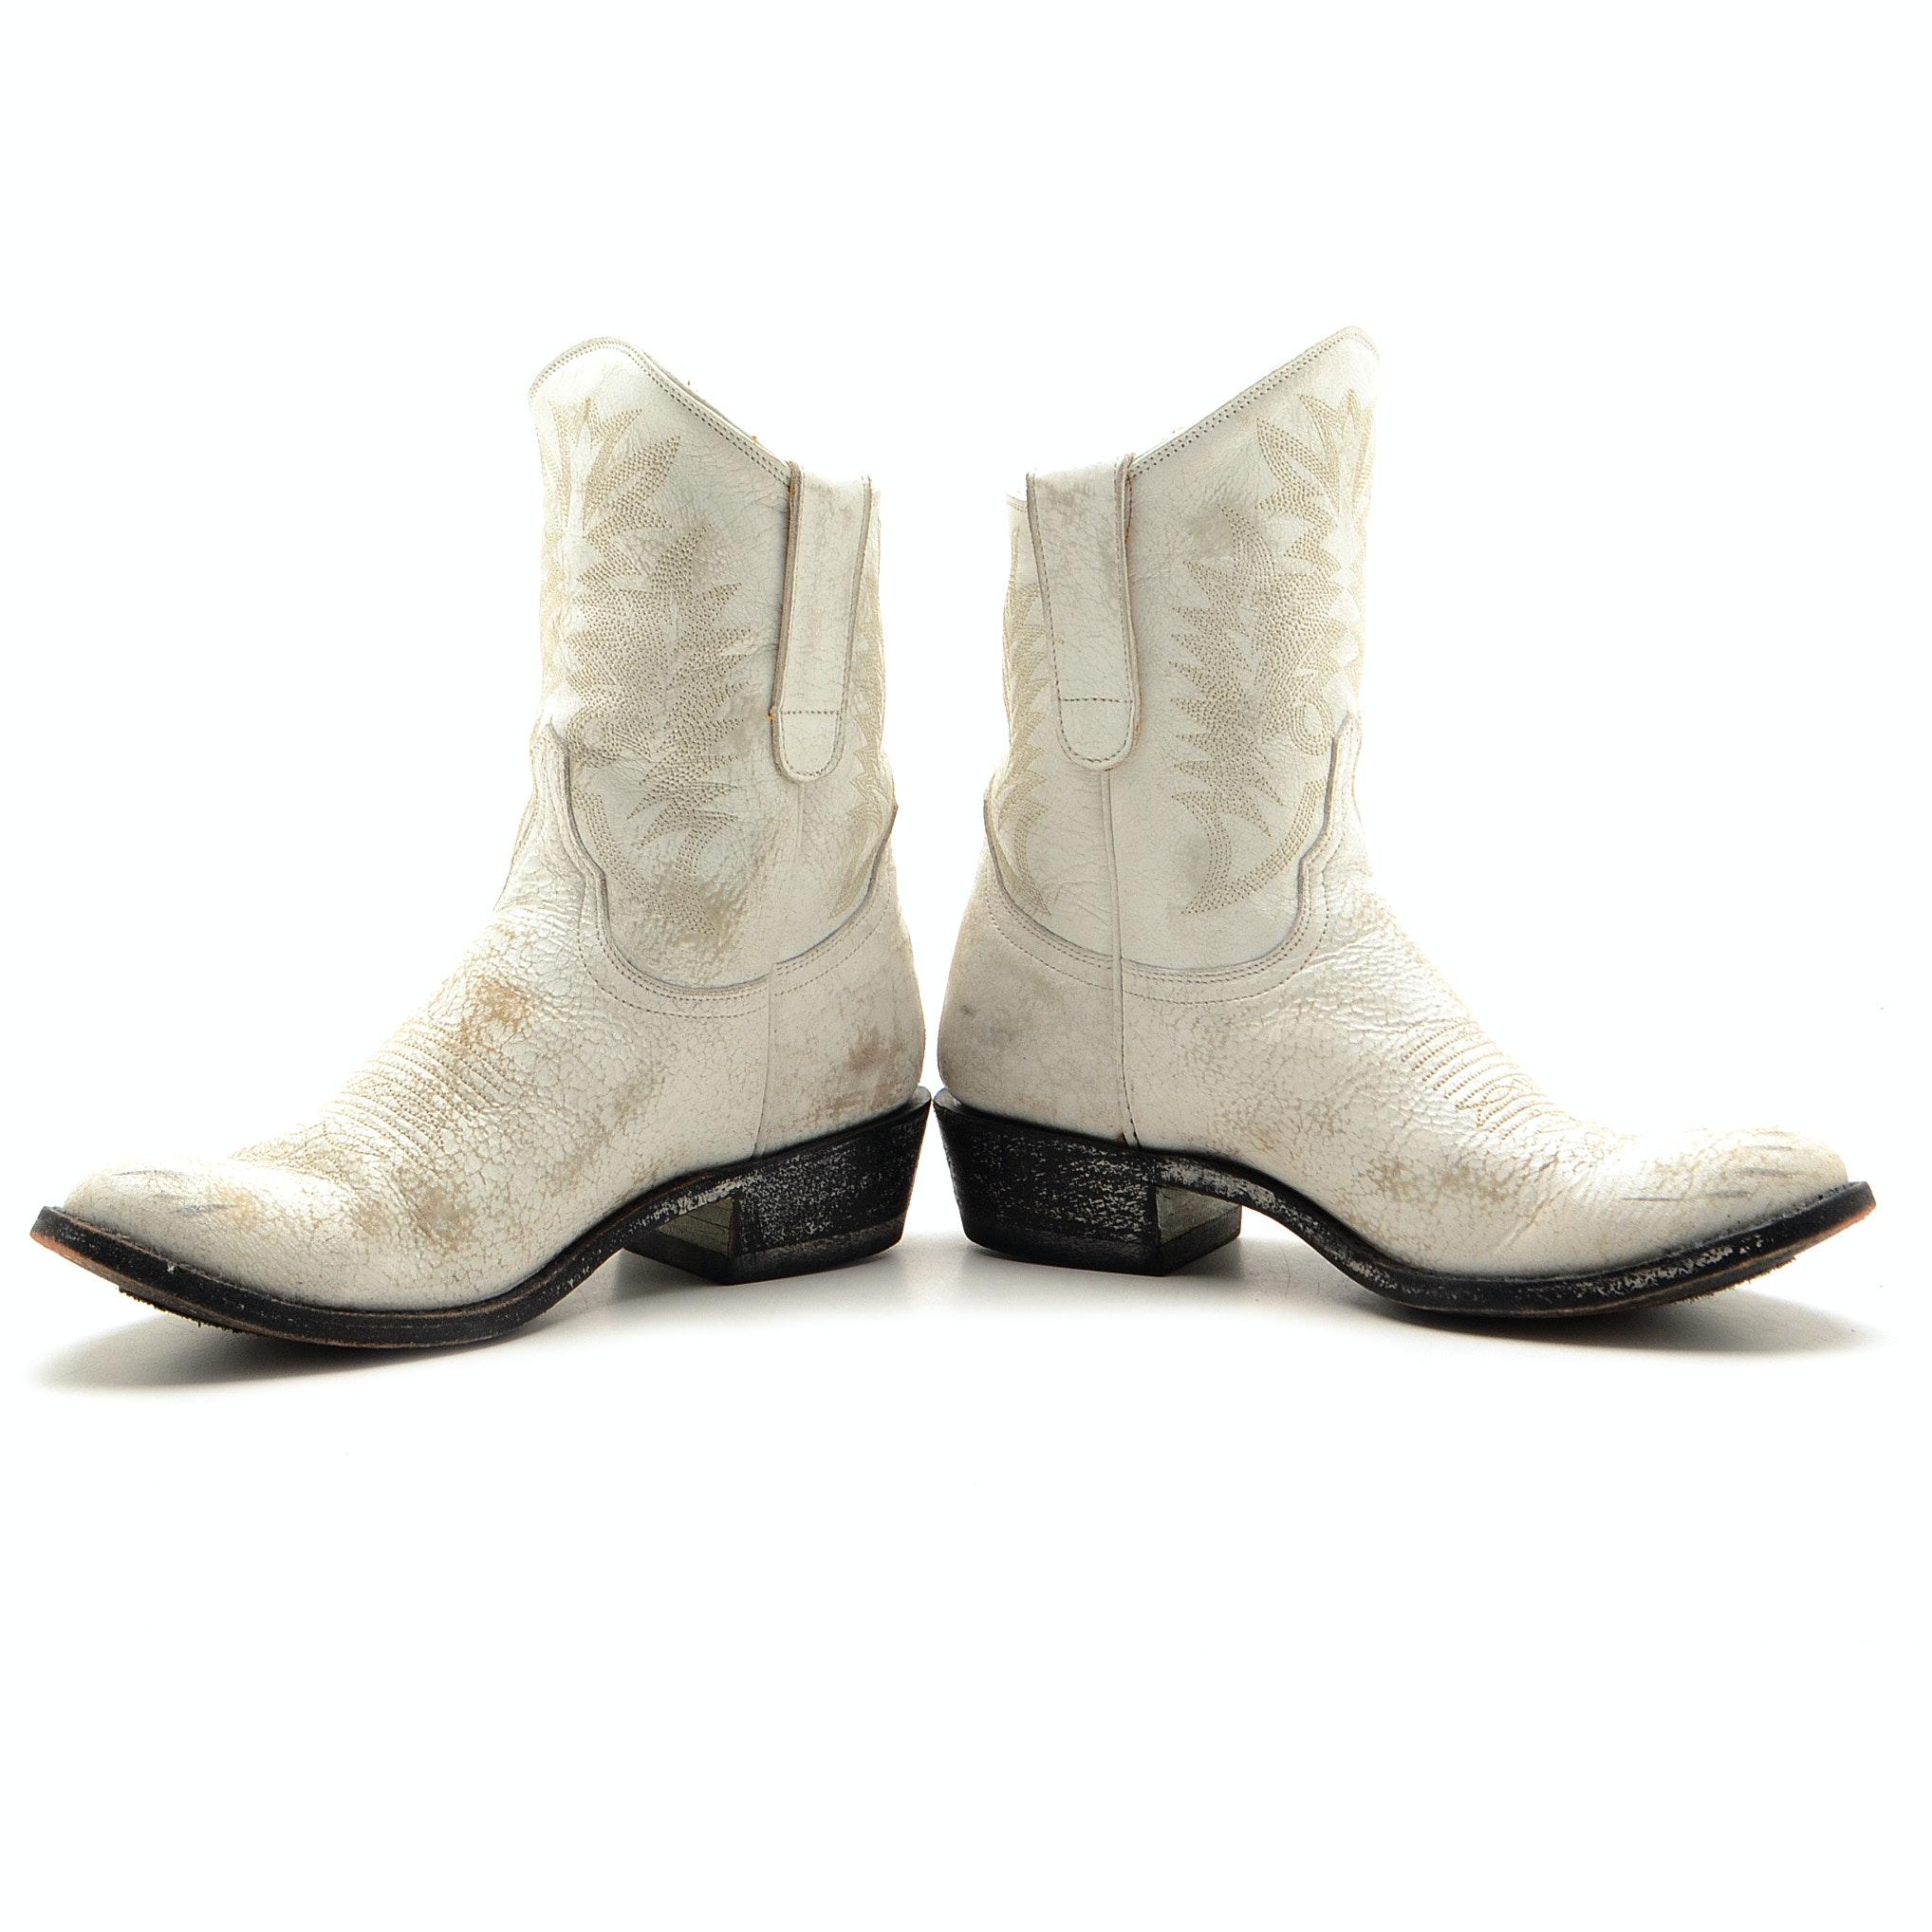 Old Gringo Women's Cowboy Boots